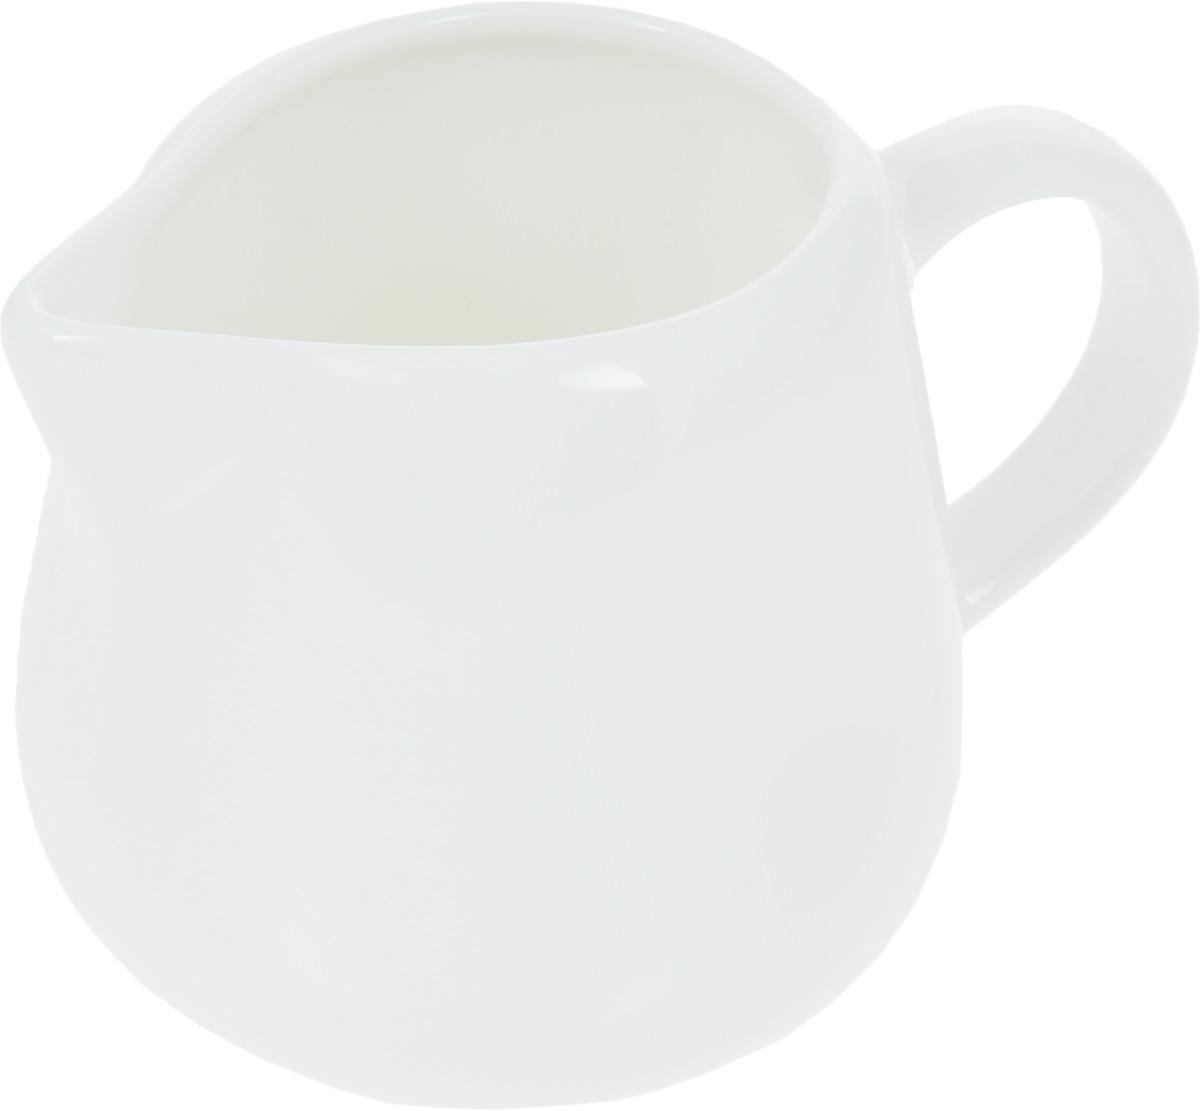 Молочник Wilmax, 200 мл115510Молочник Wilmax, изготовленный из высококачественного фарфора, имеет широкое основание, удобную ручку и носик. Предназначен для сливок и молока. Такой молочник станет изысканным украшением стола к чаепитию и подчеркнет ваш безупречный вкус. Изделие также станет хорошим подарком к любому случаю. Можно использовать в СВЧ и мыть в посудомоечной машине. Размер молочника (по верхнему краю): 7 х 5 см.Диаметр основания: 7 см. Высота молочника: 7,5 см.